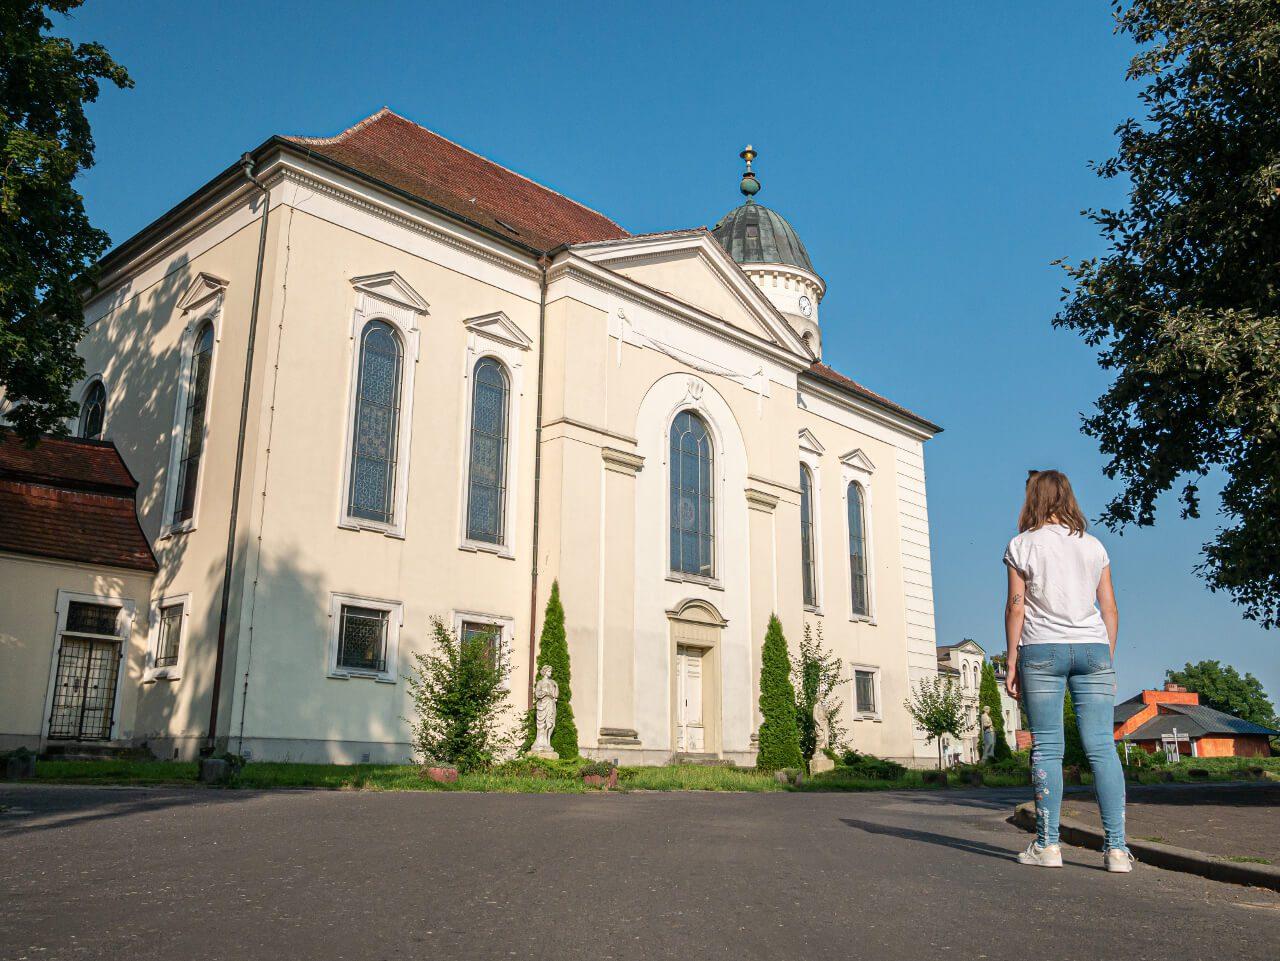 Kościół ewangelicki Syców cztery pory roku